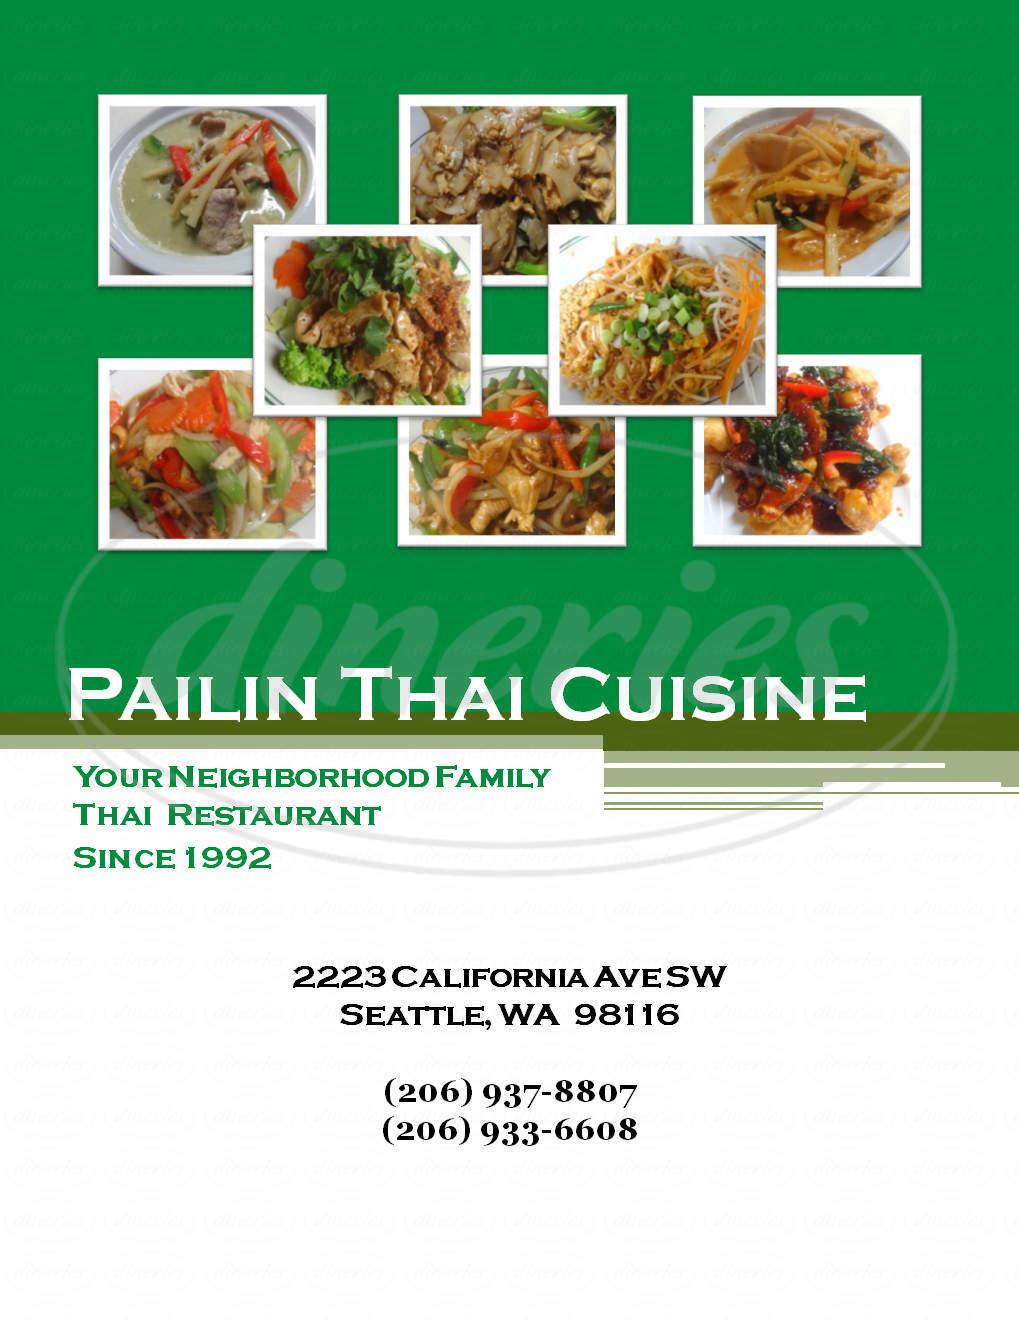 menu for Pailin Thai Cuisine